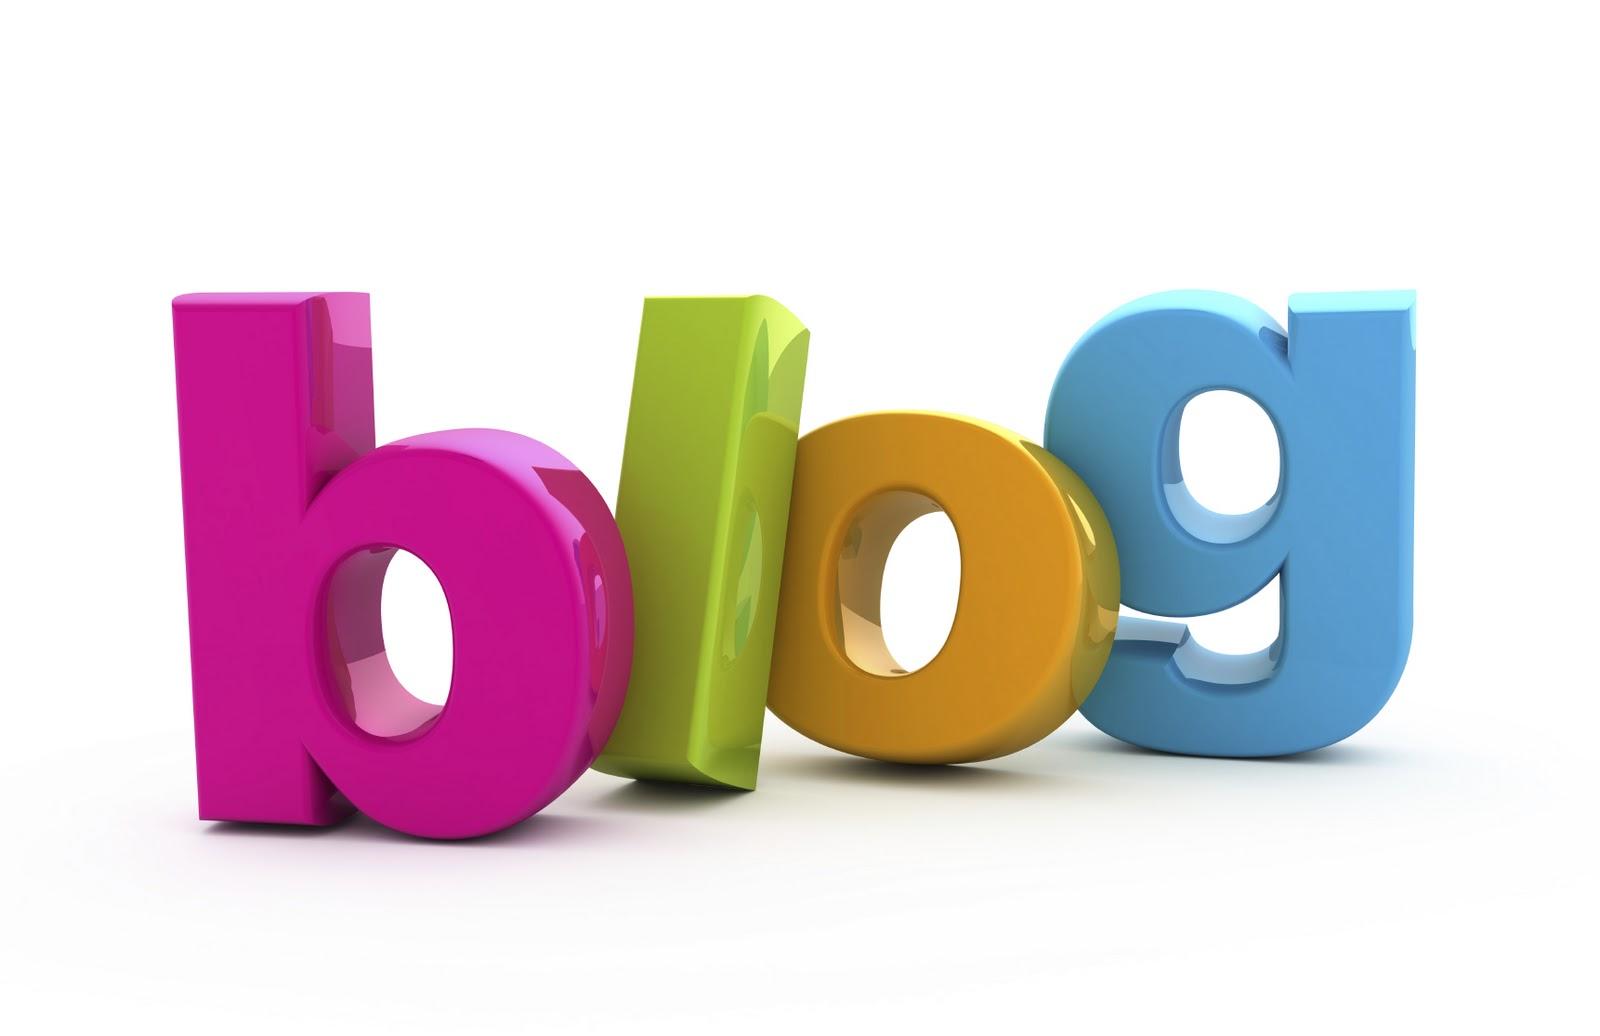 """blog - Curso inédito """"Como Criar Um Blog"""" na FAAP com Alexandre Taleb, Camila Almeida, Carlos Jafet e Lia Camargo"""